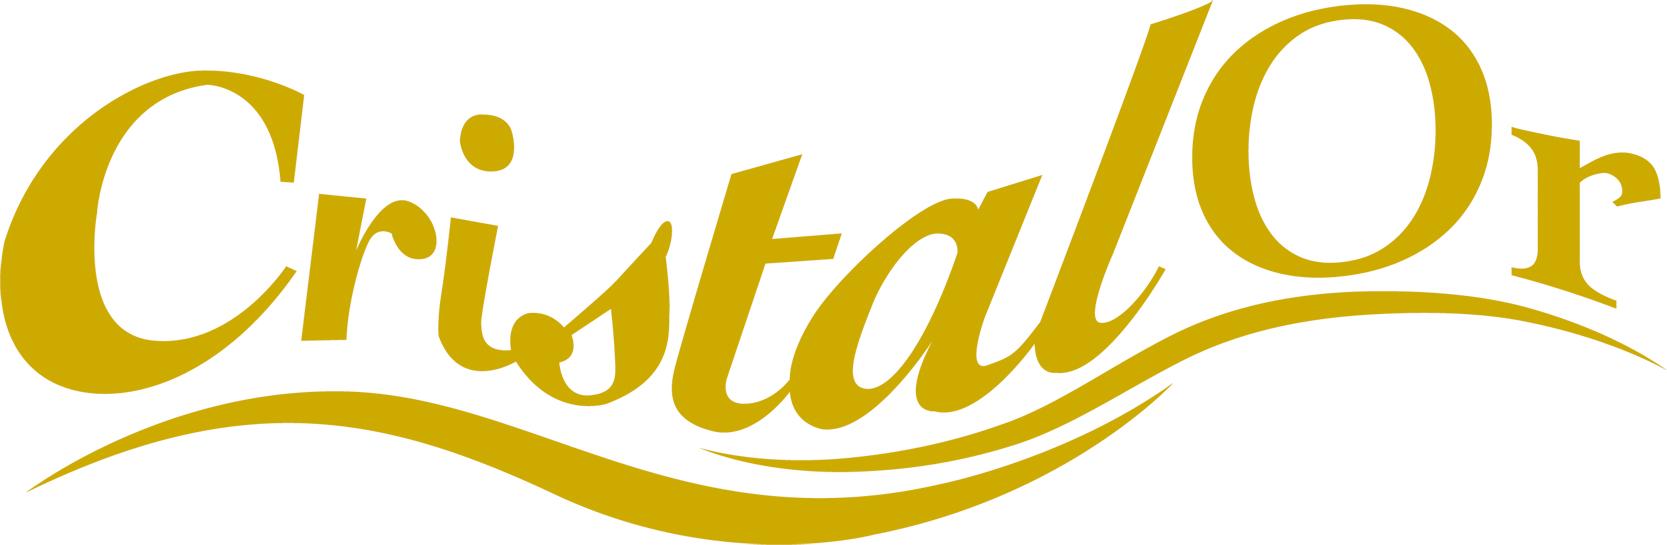 cristalor.png